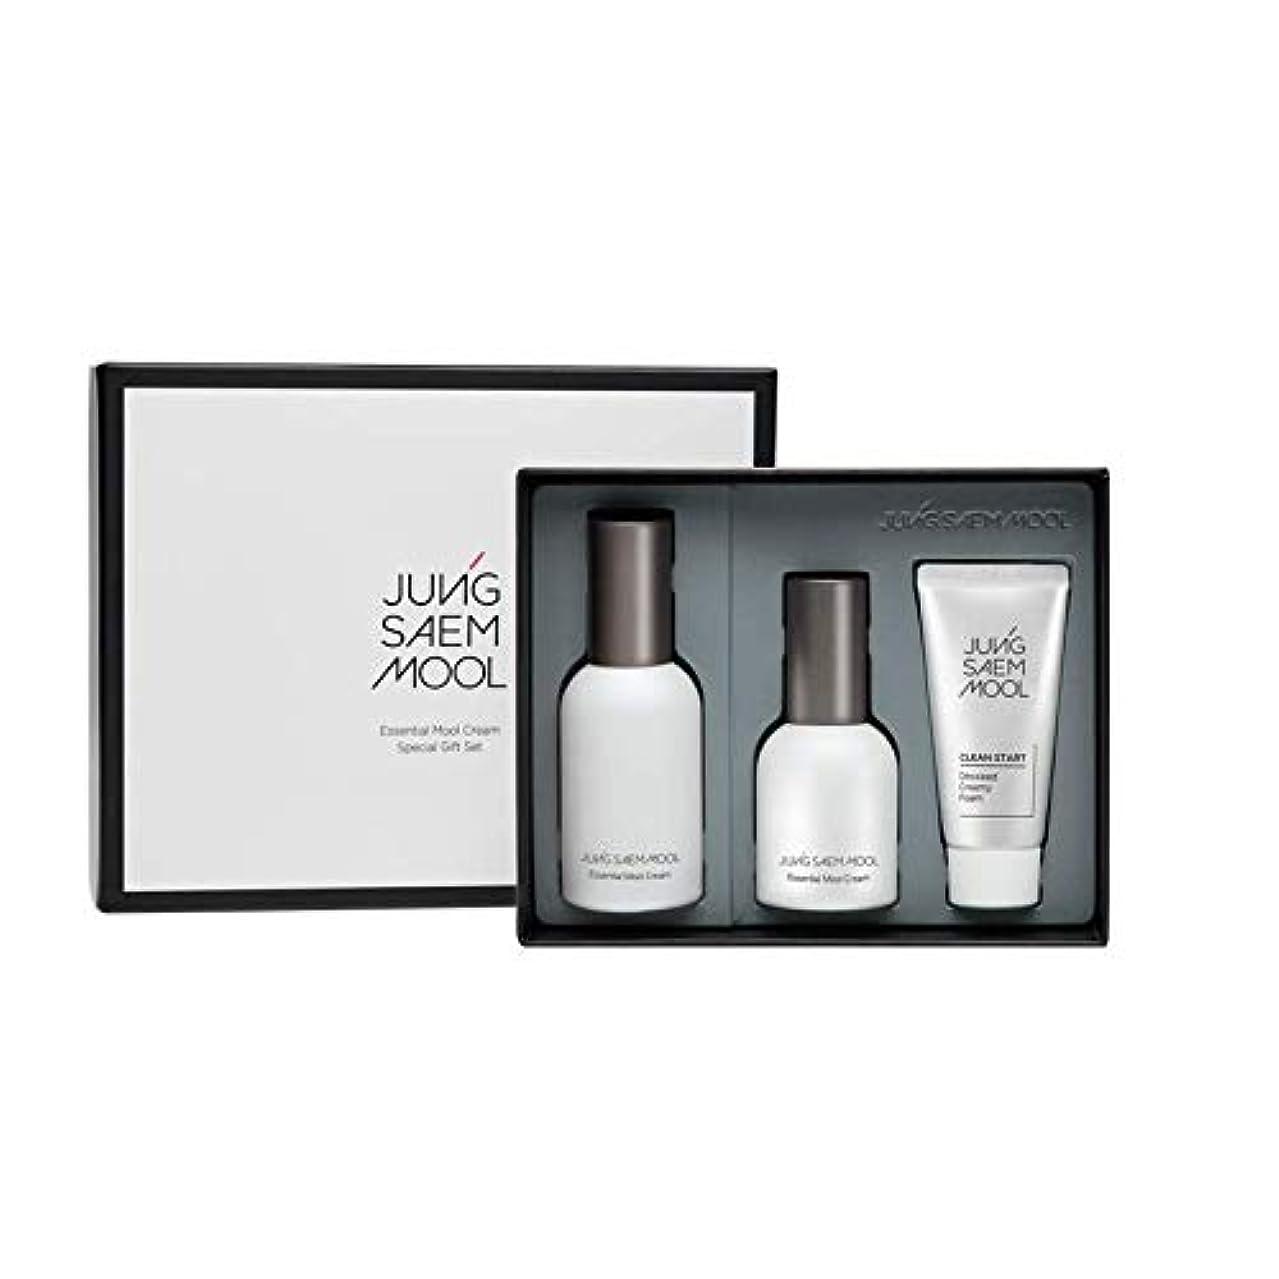 アカデミー領域インフラジョンセンムル JUNGSAEMMOOL エッセンシャルムルクリームスペシャルギフトセット Essential Mool Cream Special Gift Set [並行輸入品]